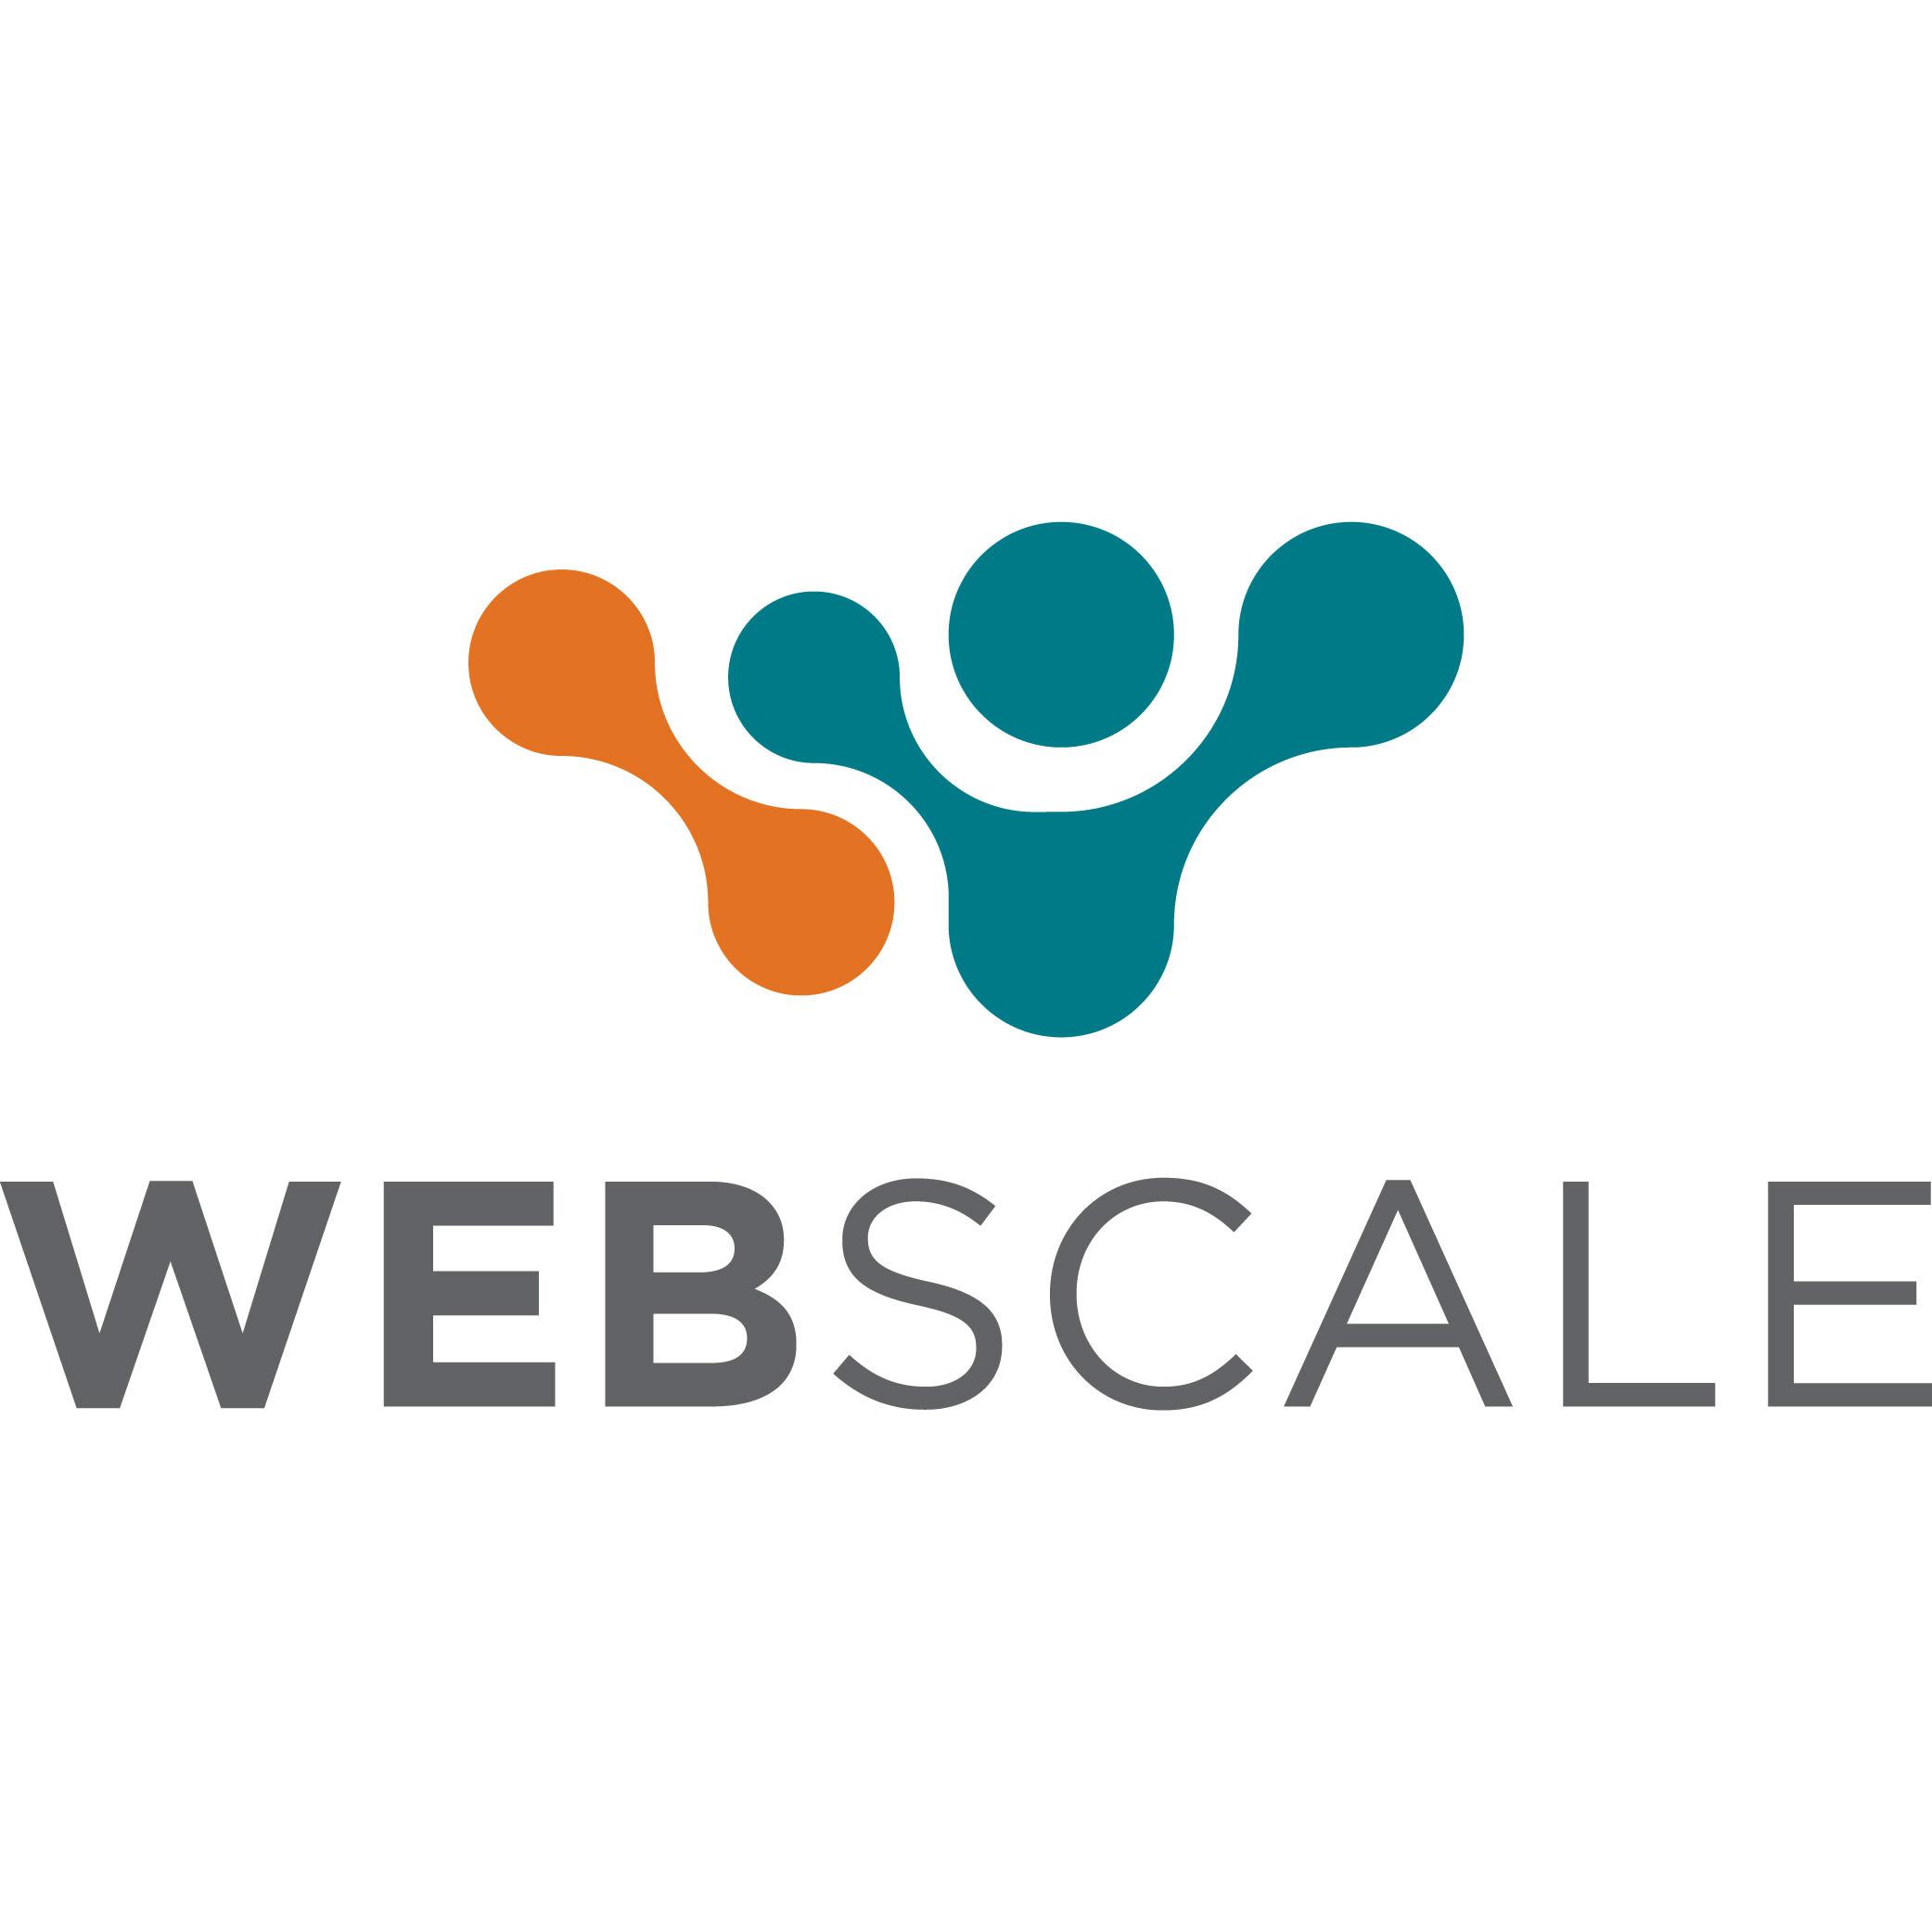 Webscale | crunchbase